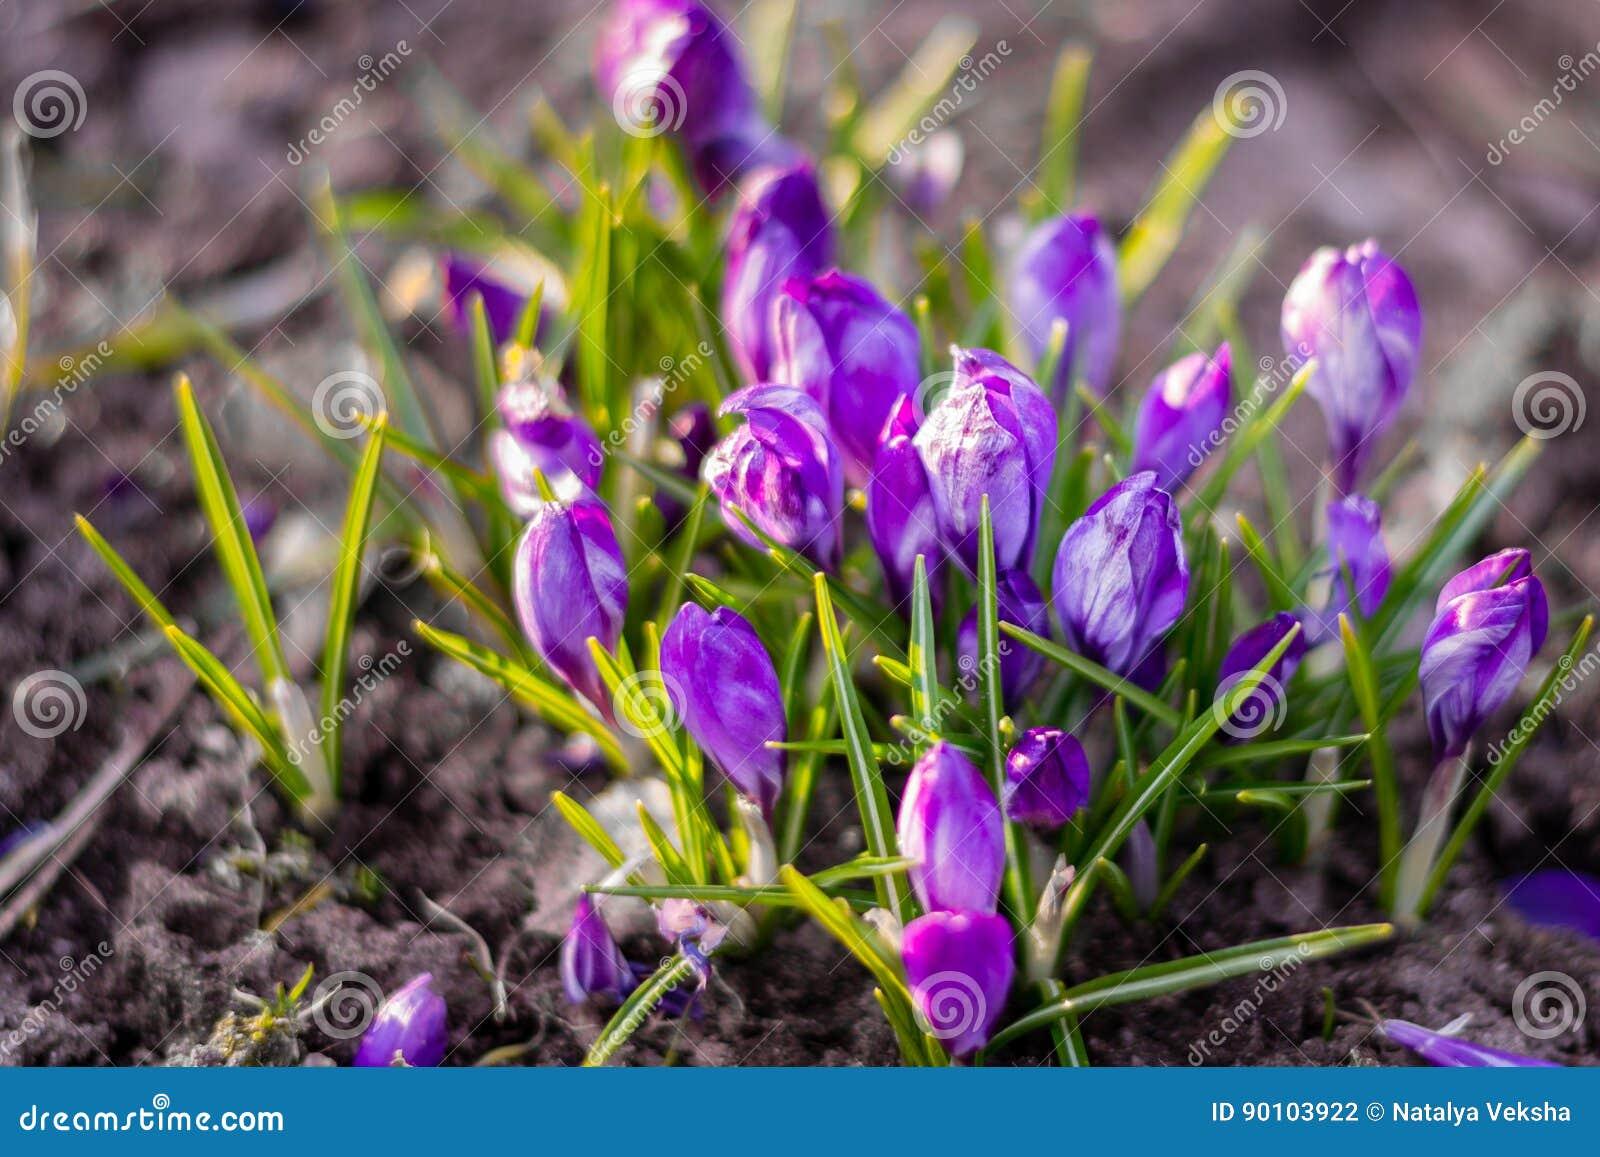 Blauwe krokusbloemen ter plaatse met selectieve/zachte nadruk